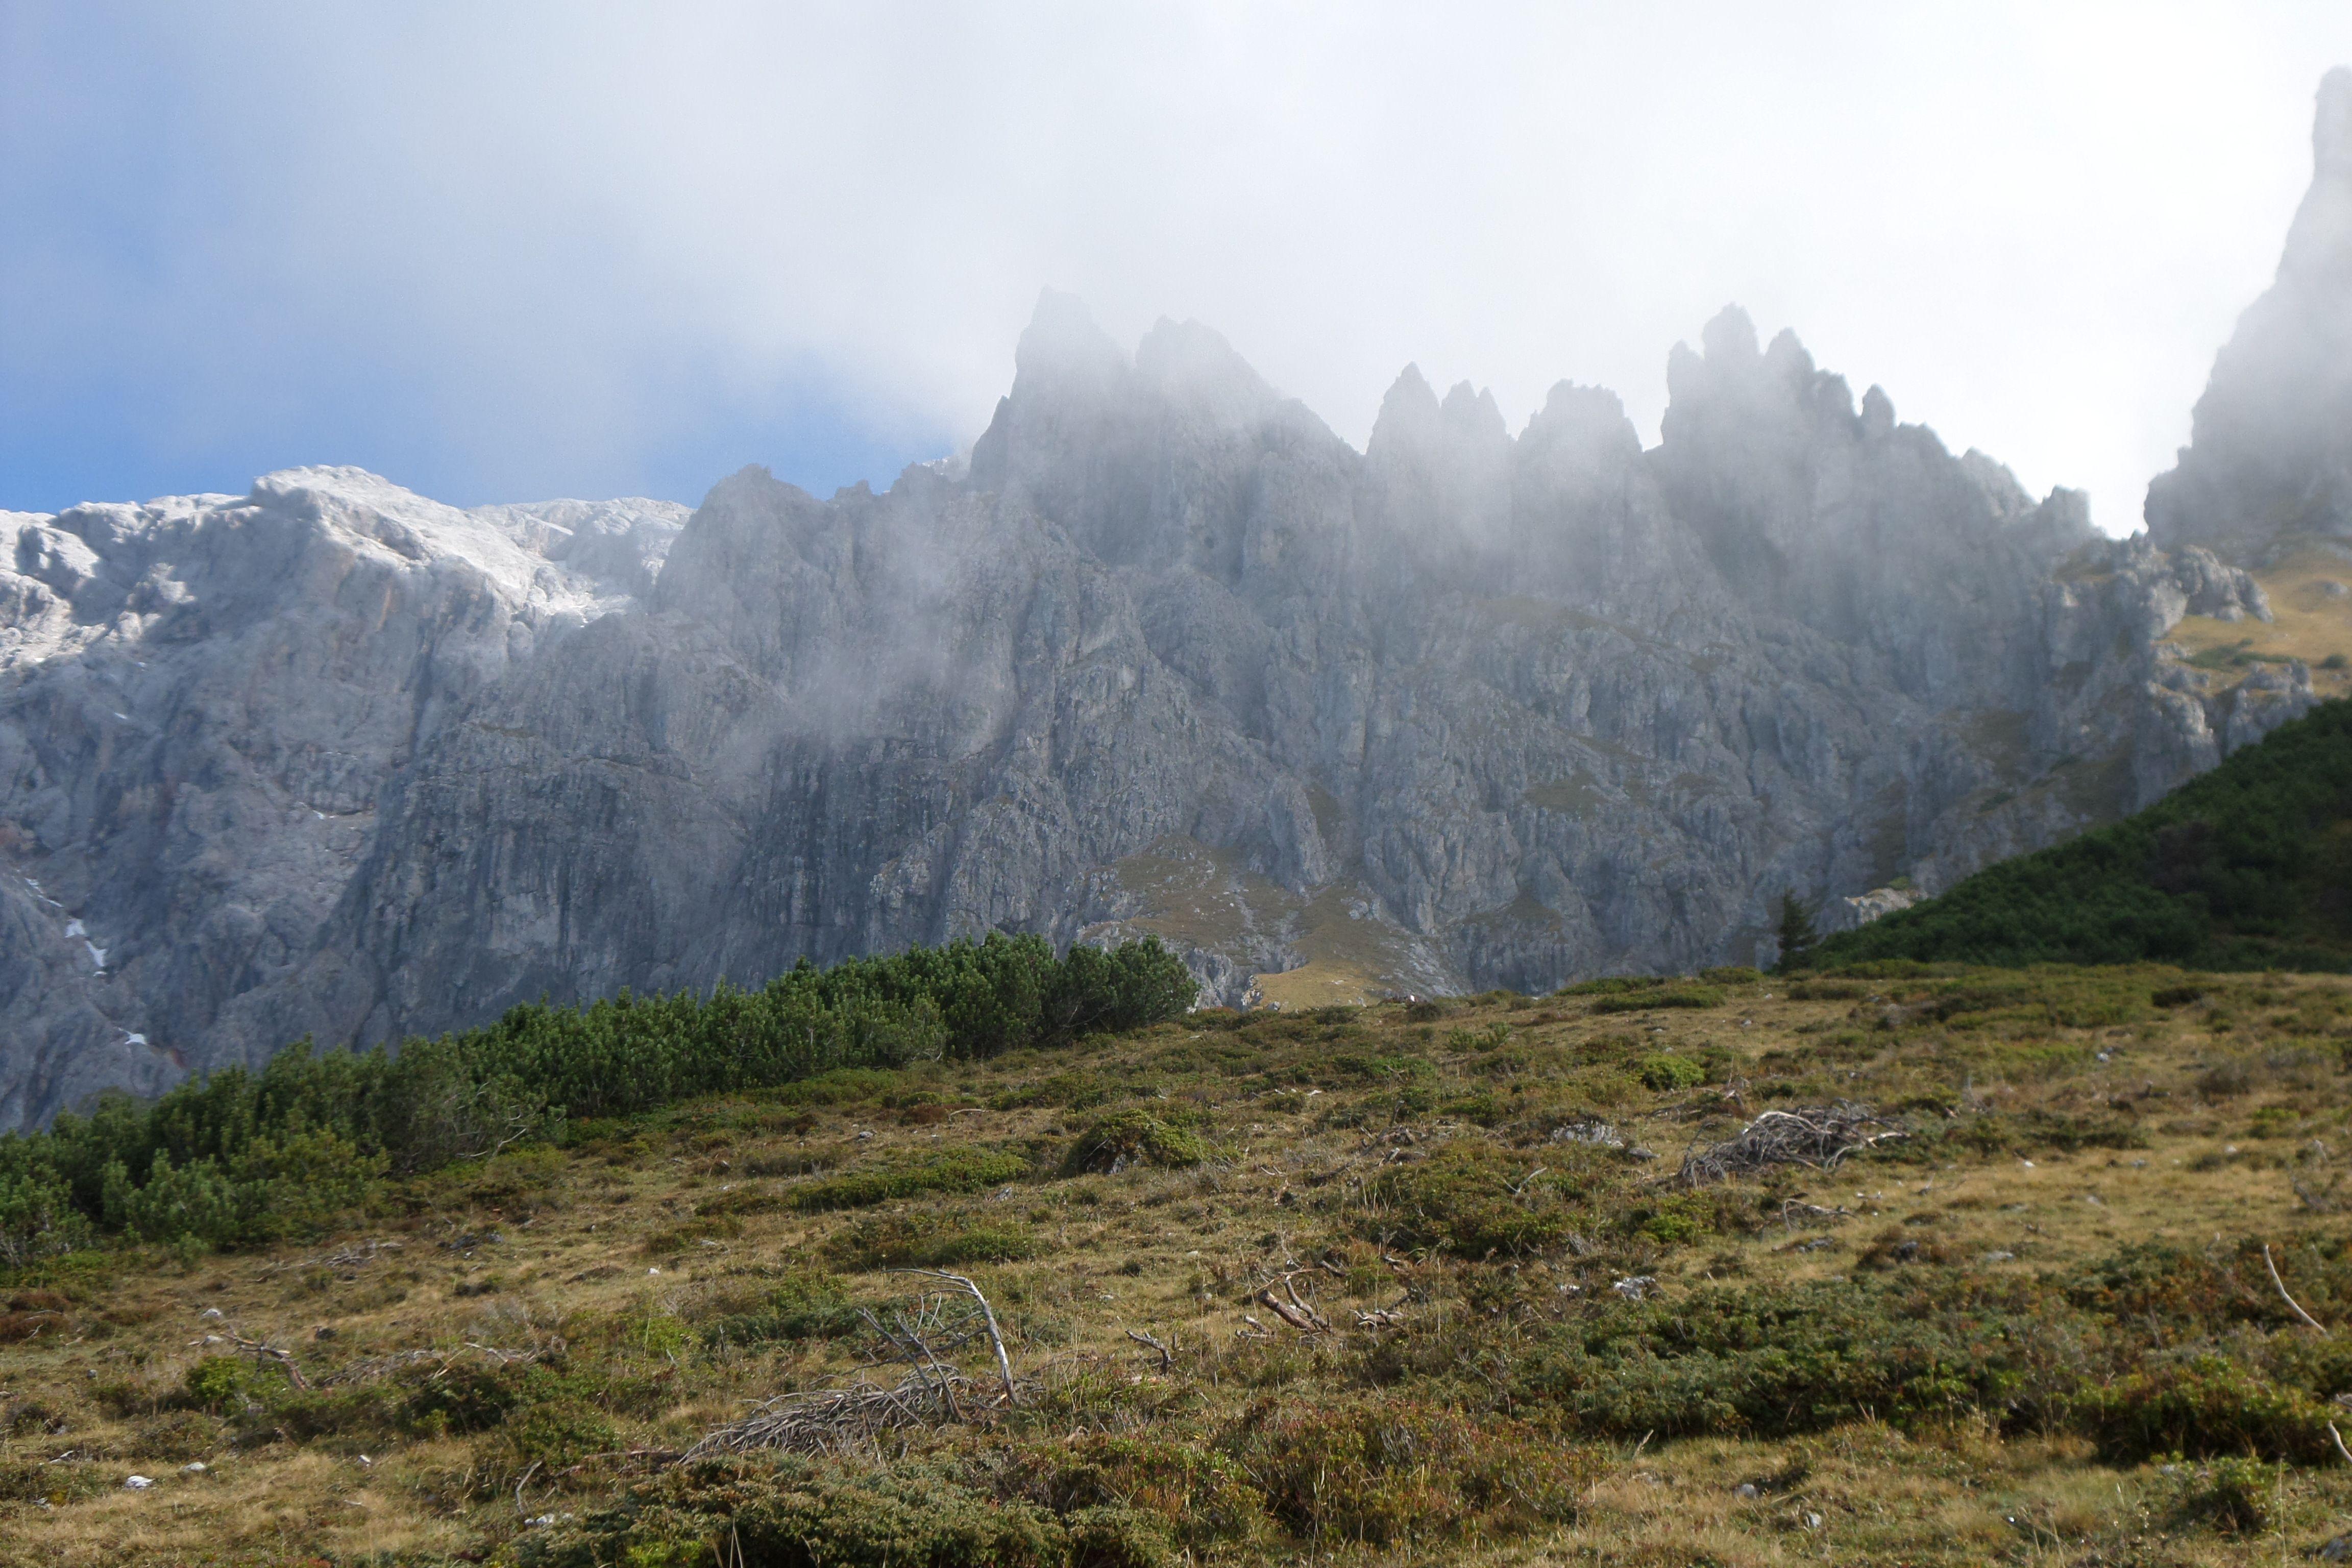 Traumhafte Aussichten auf den Hochkönig und den Königsjodler #Klettersteig in den Ost #Alpen